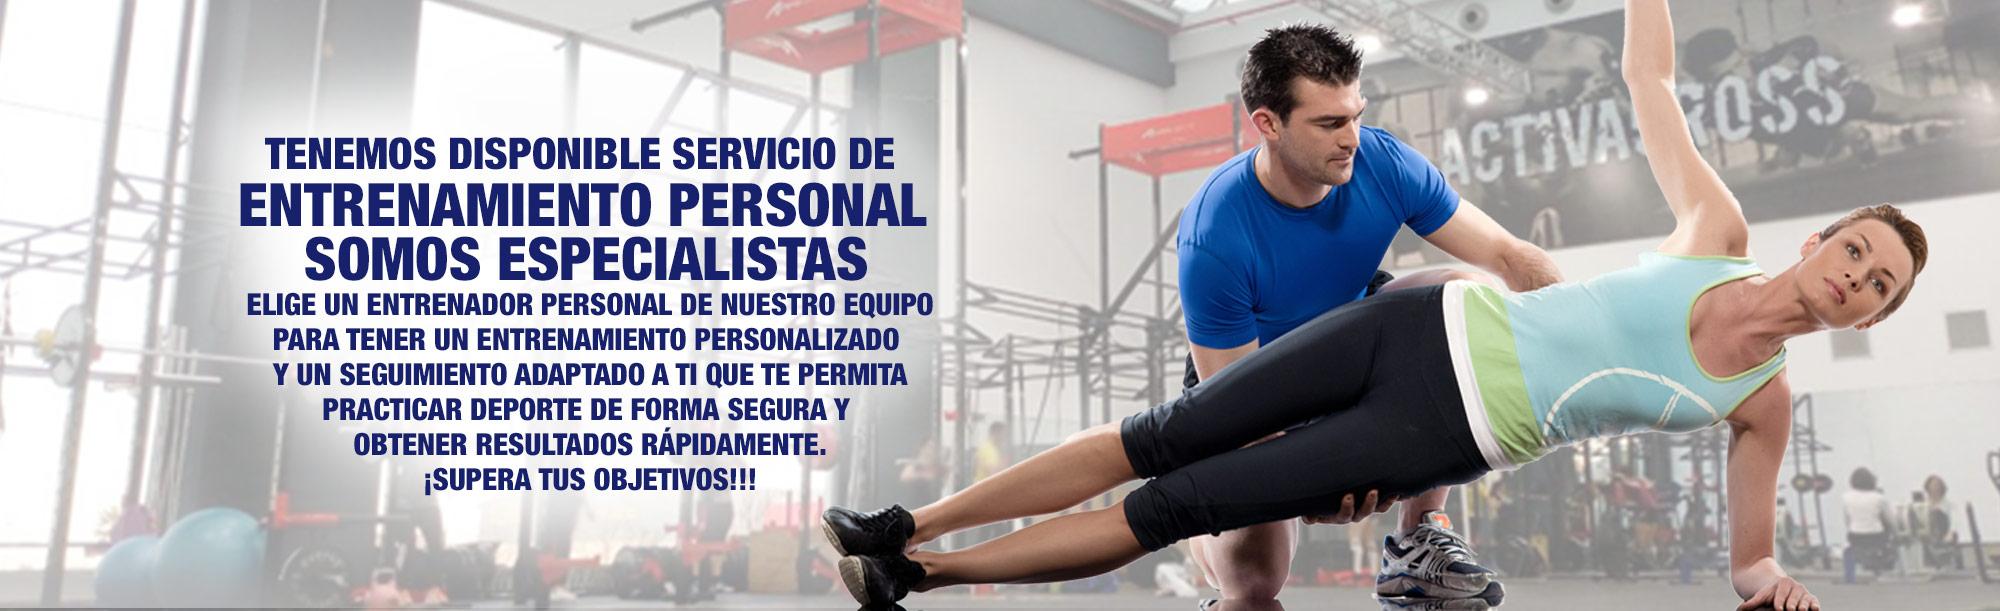 banner-web-entrenador-personal2